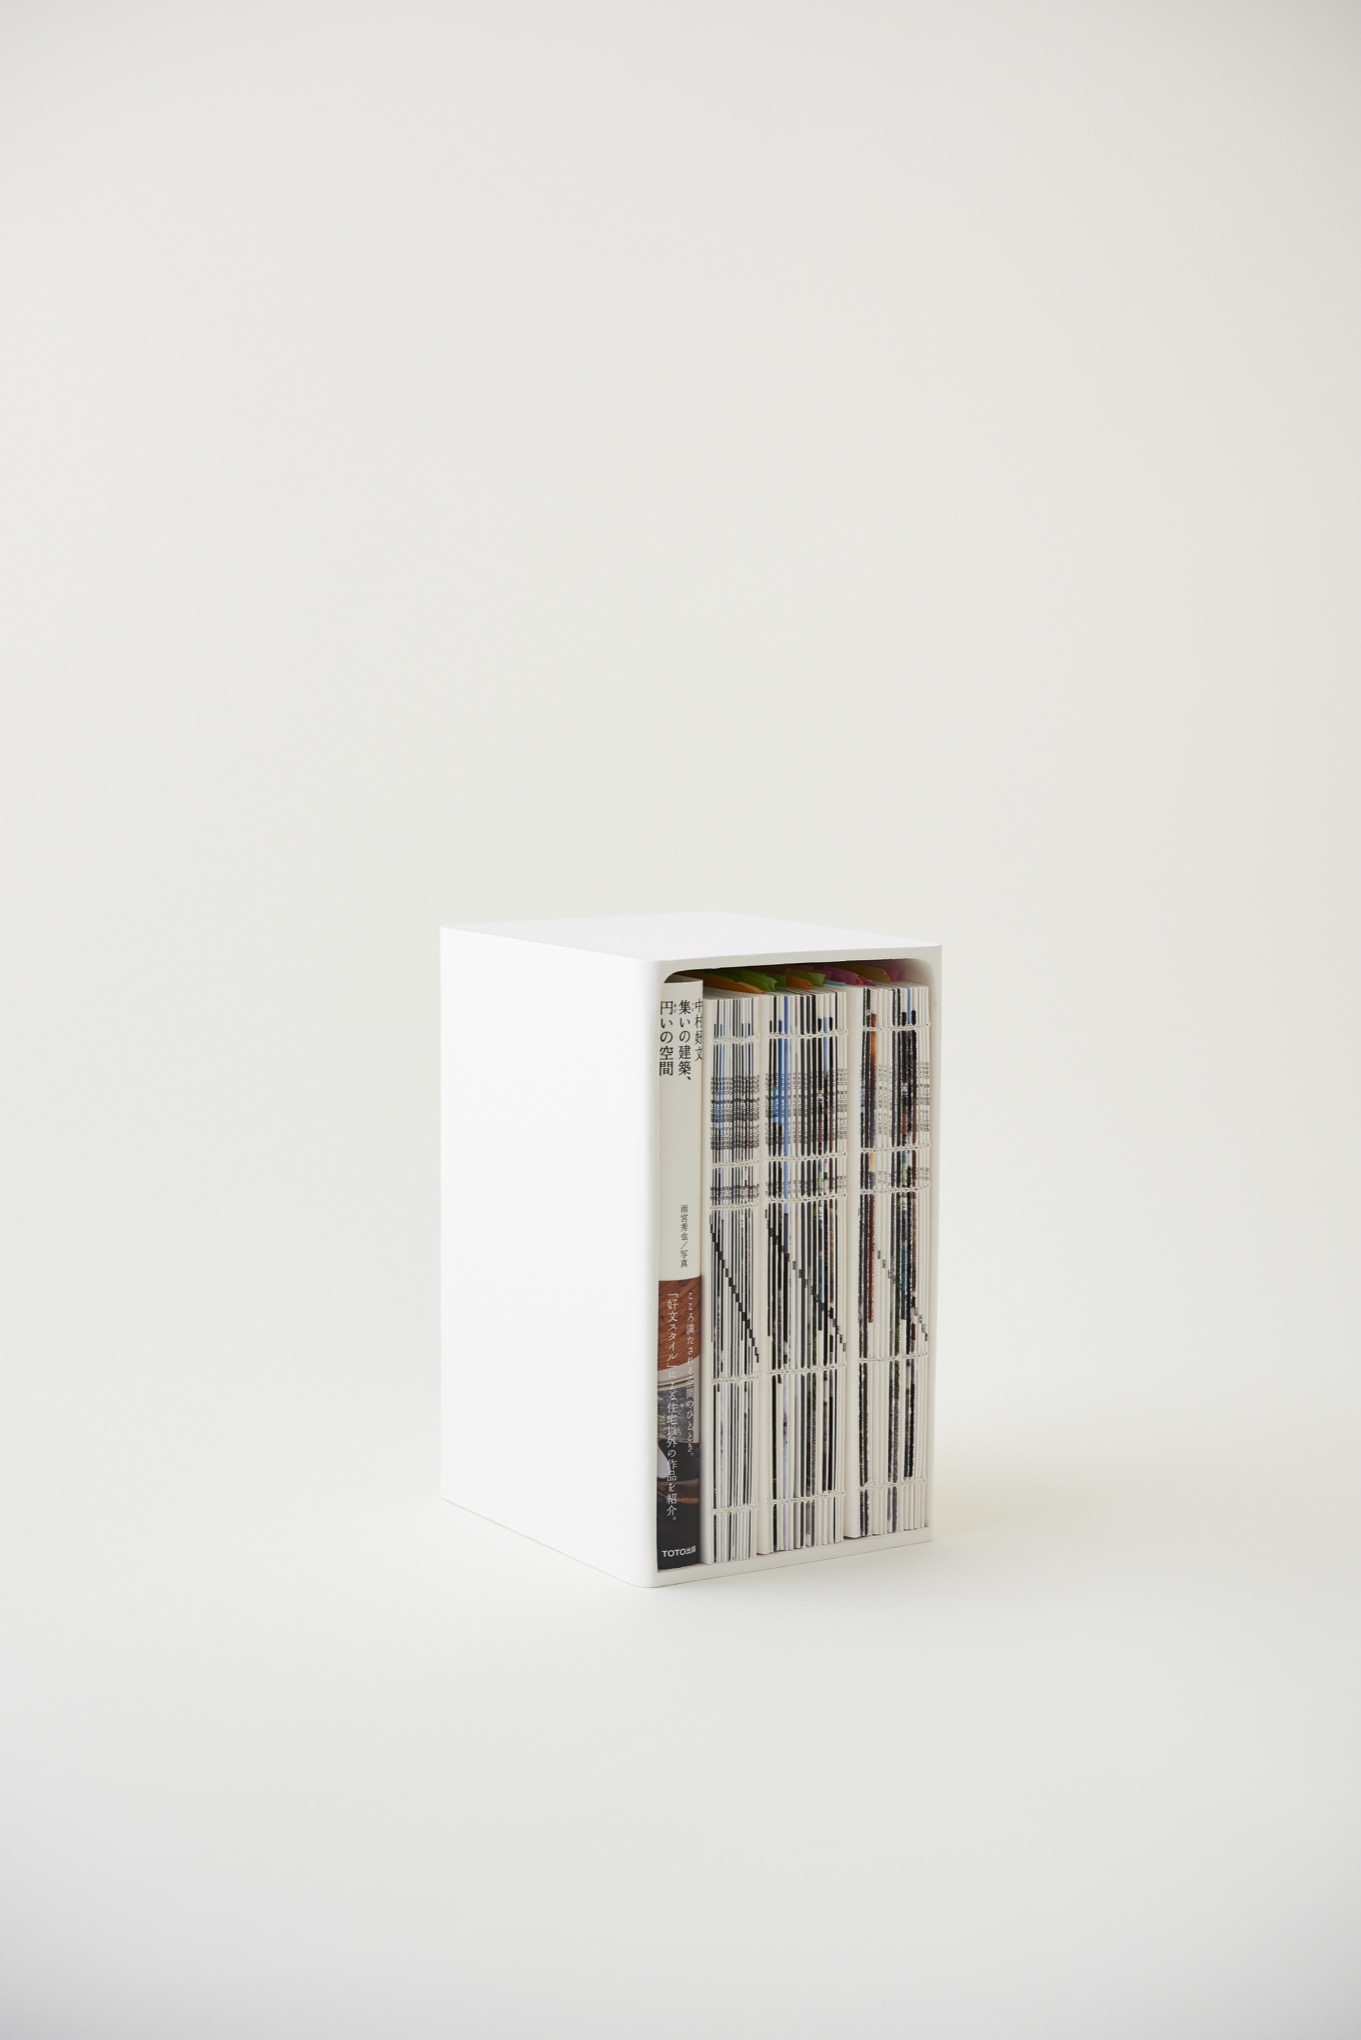 8Books & 8Boxes 『集いの建築、円いの空間』